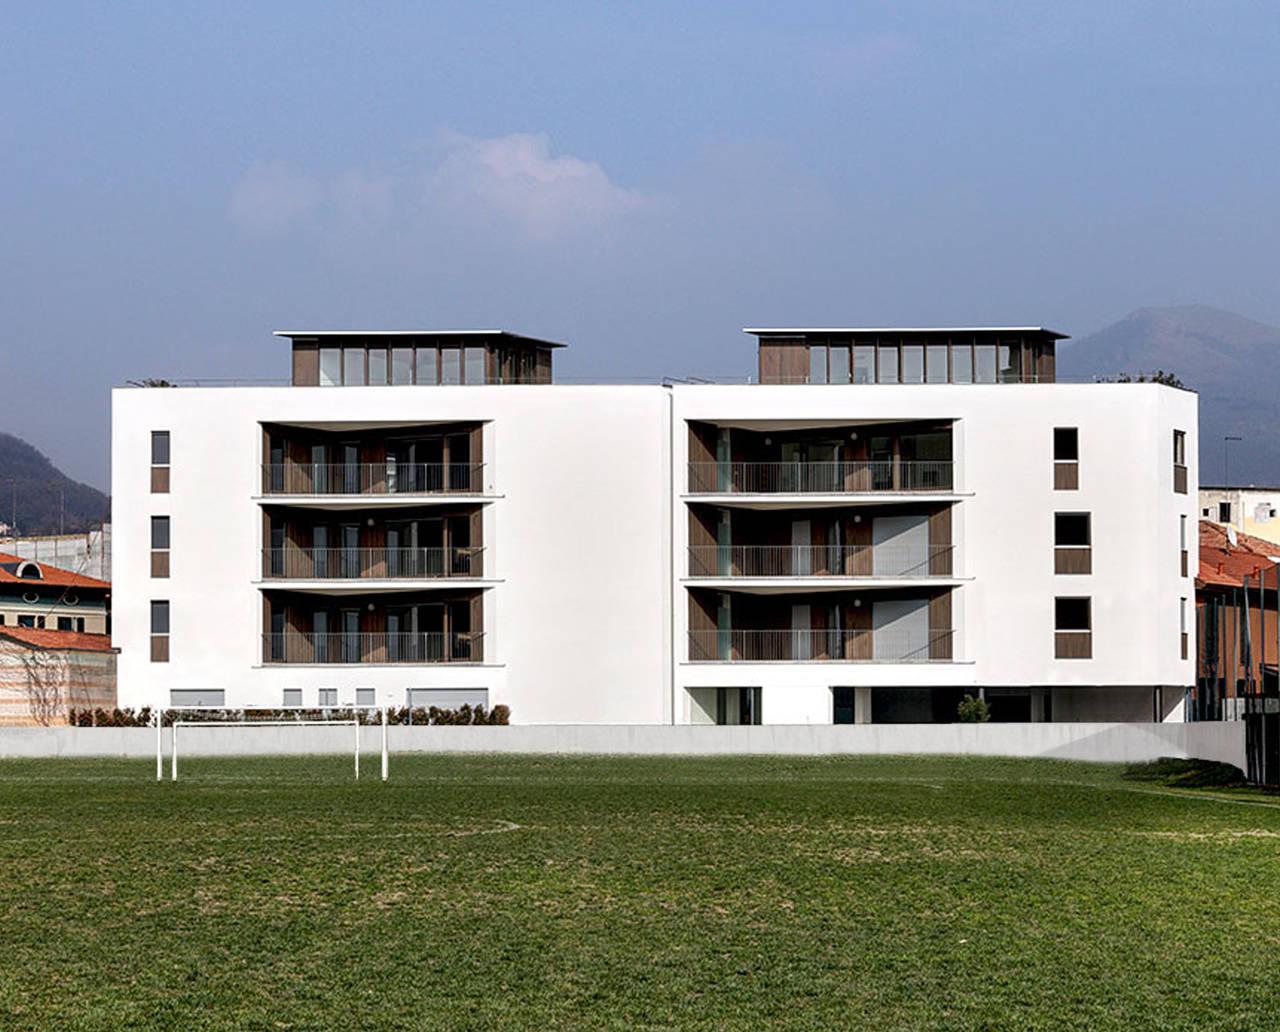 1° Premio Categoria A - Nuove Costruzioni, arch. Marco Ortalli e arch. Dario Cazzaniga